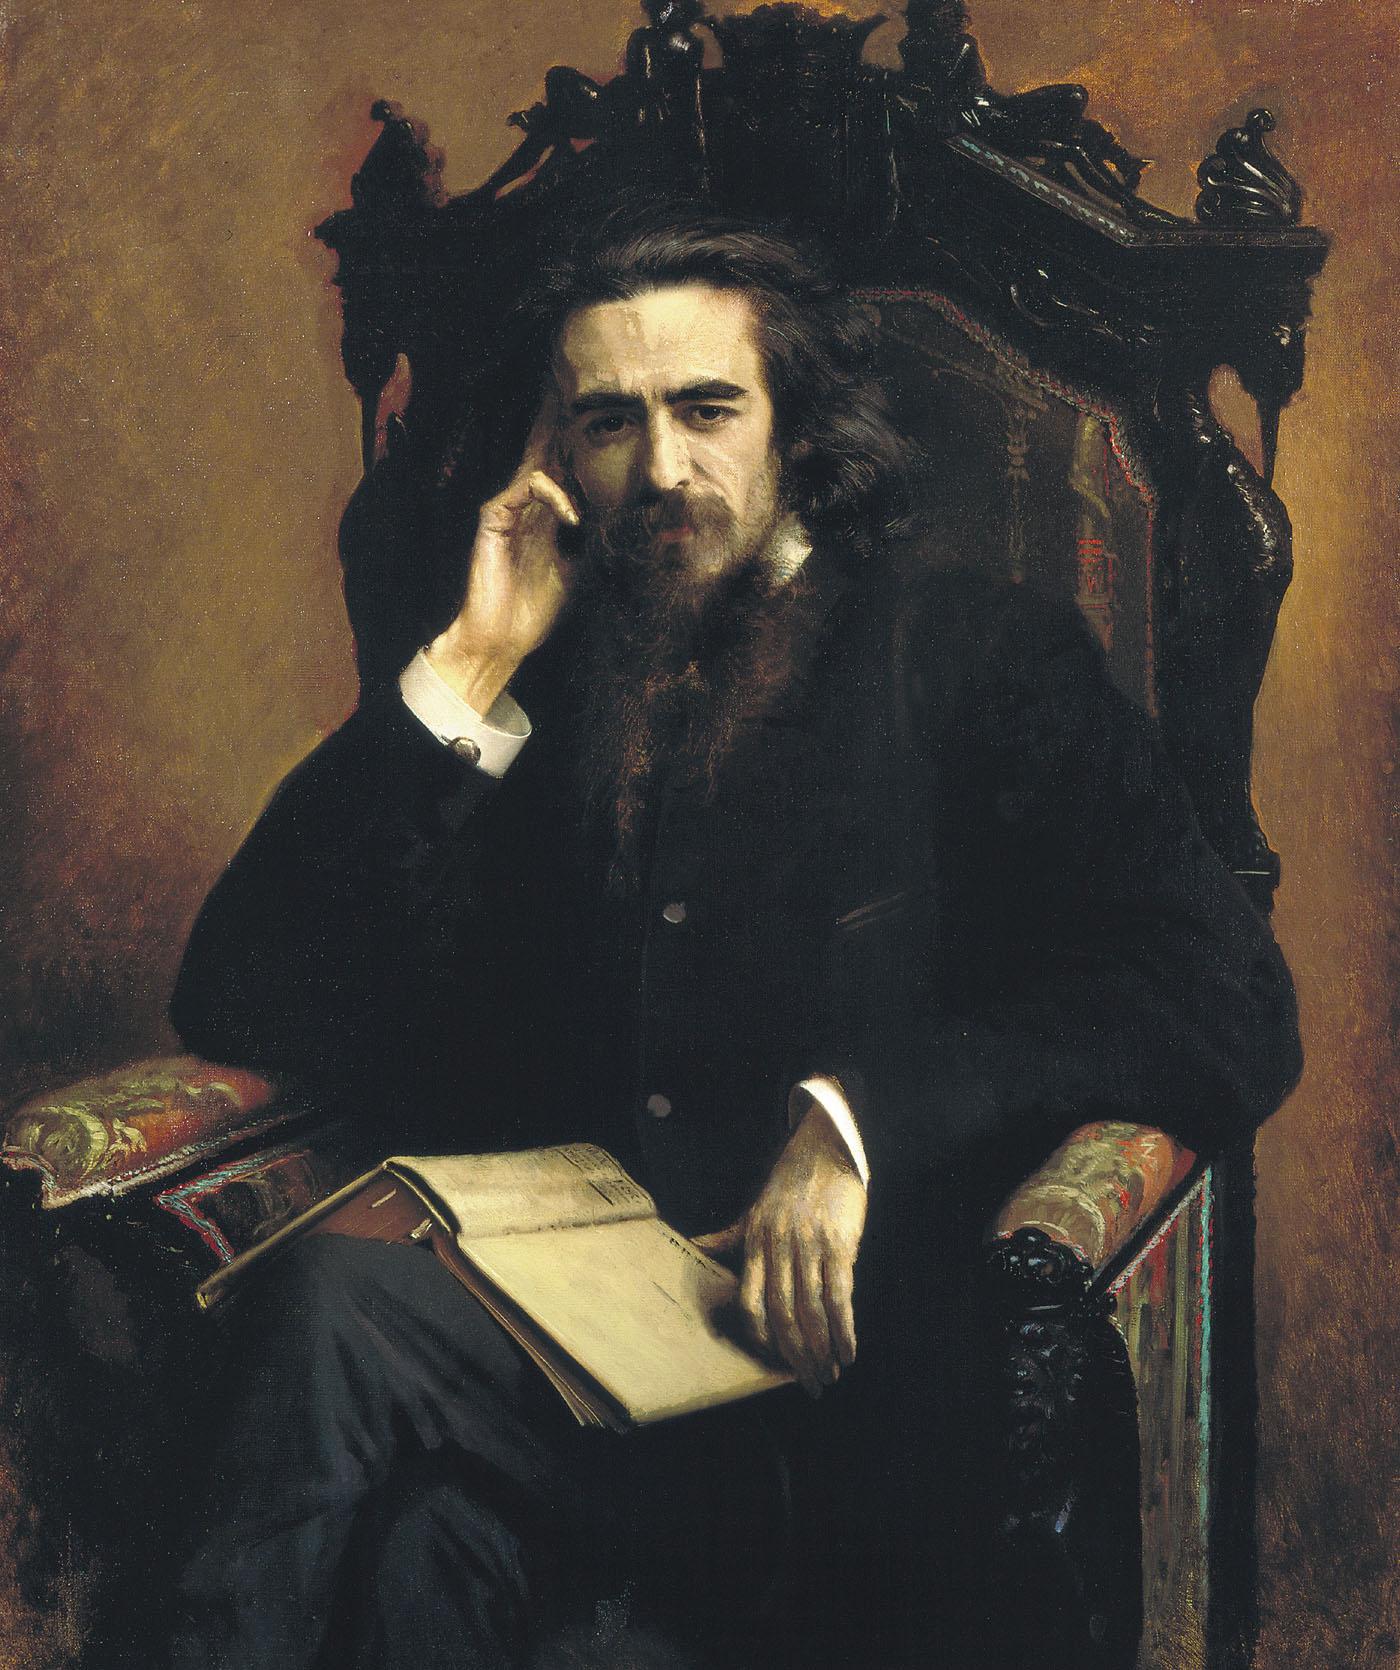 Работа художника Ивана Крамского портрет философа Владимира Соловьева